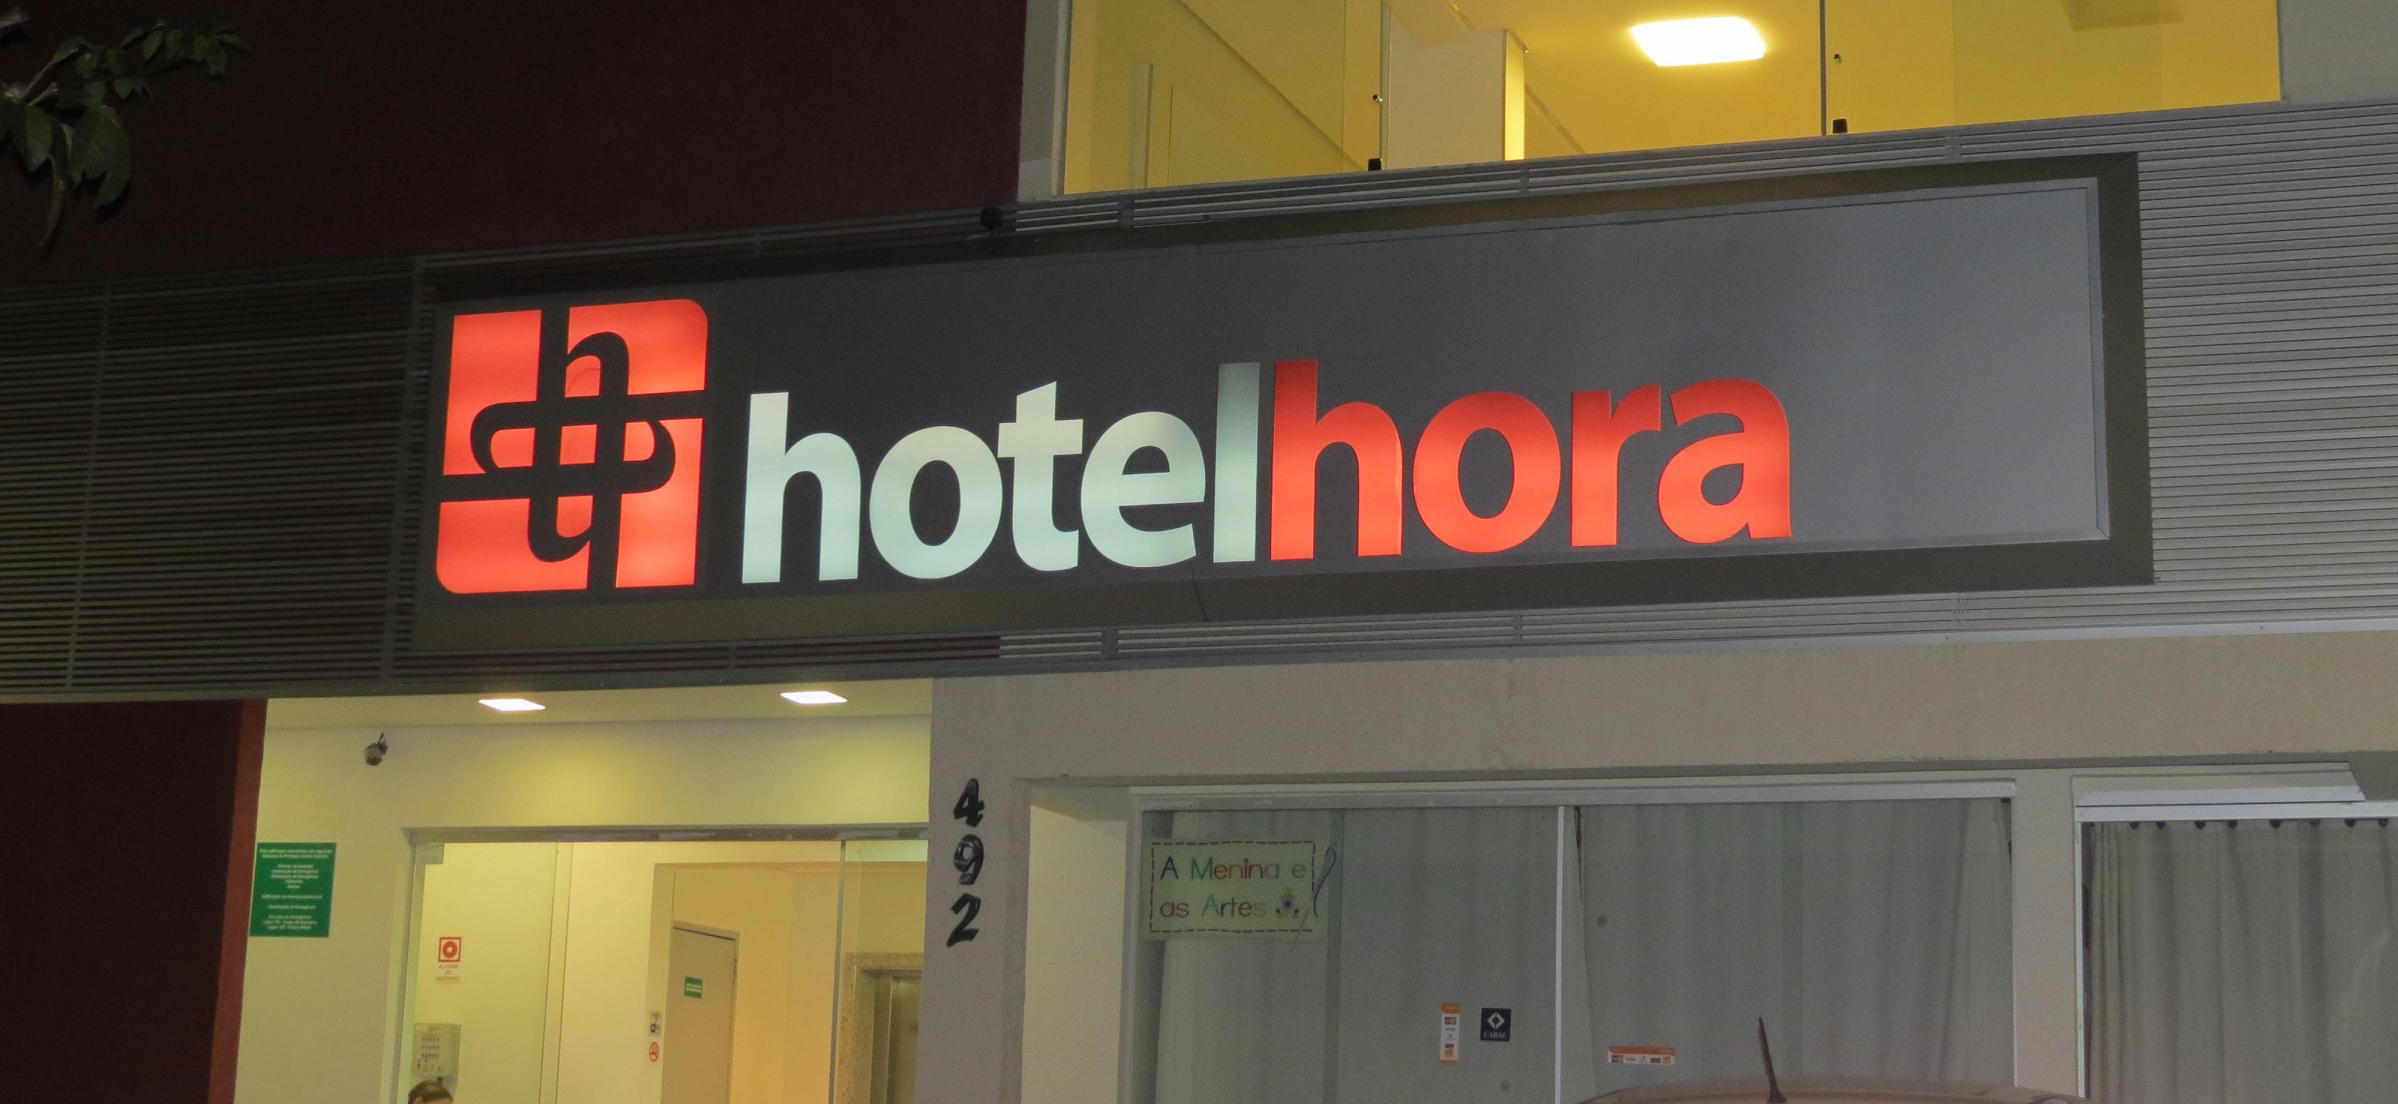 Colocar marca logotipo e nome da empresa na fachada acriart - Imagenes de fachadas de empresas ...